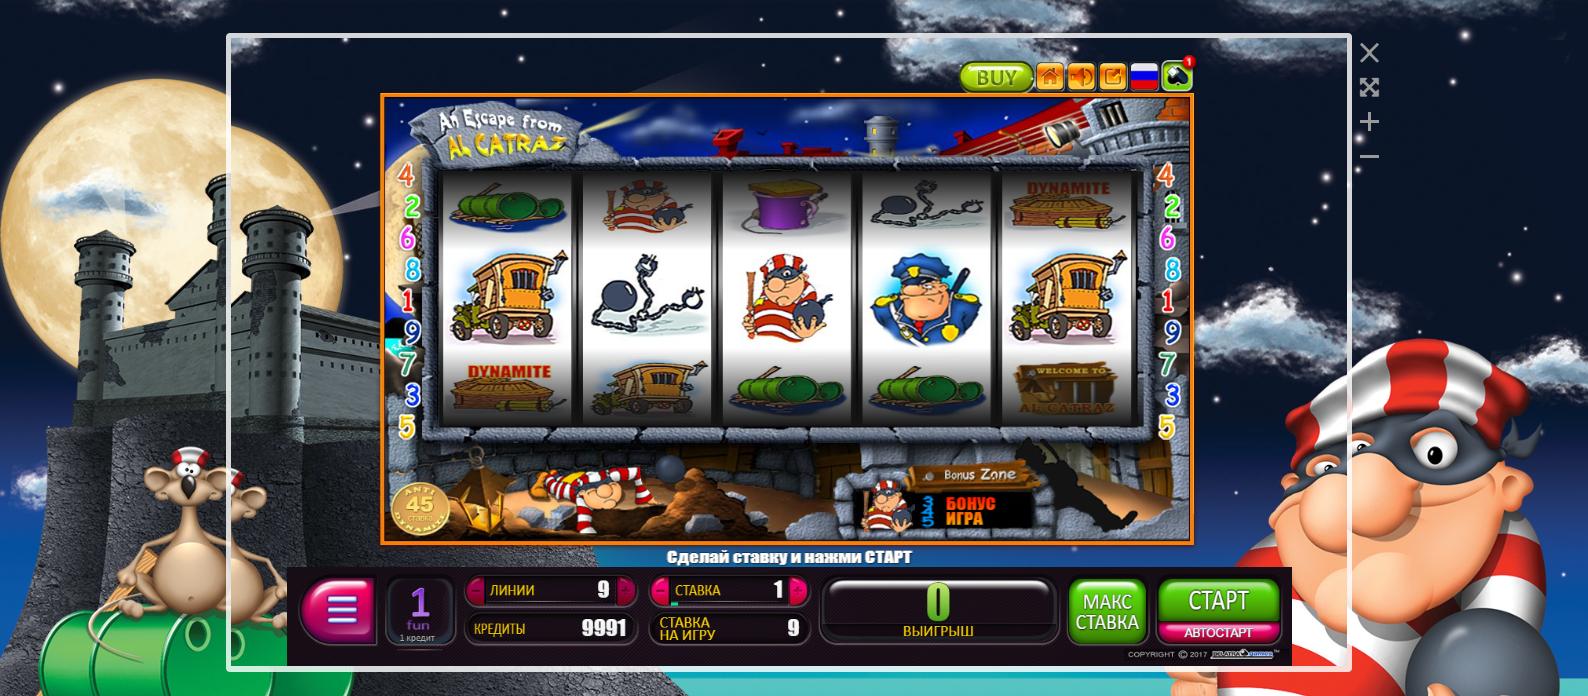 Бухгалтерия интернет казино покер мини игра онлайн